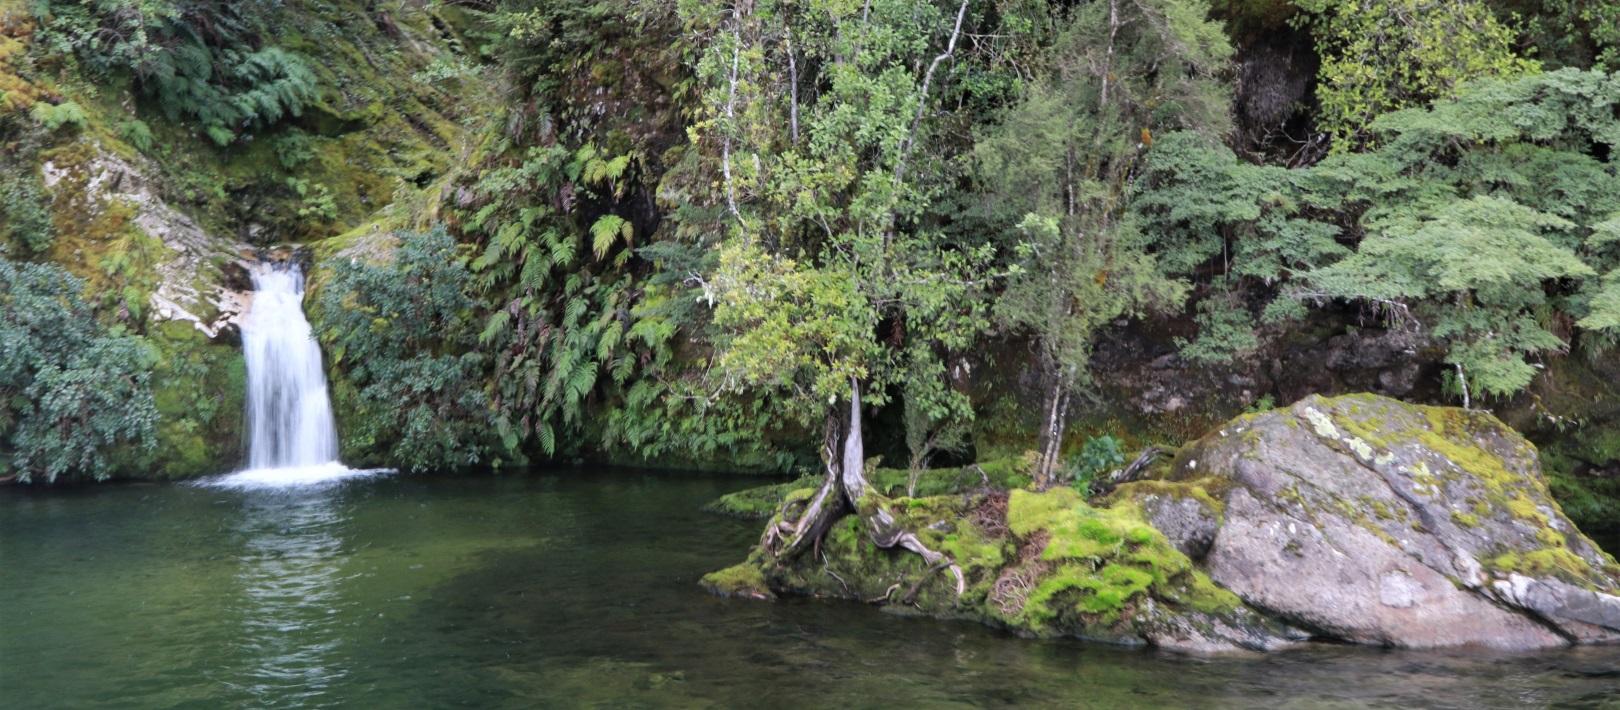 South Fiord, Te Anau